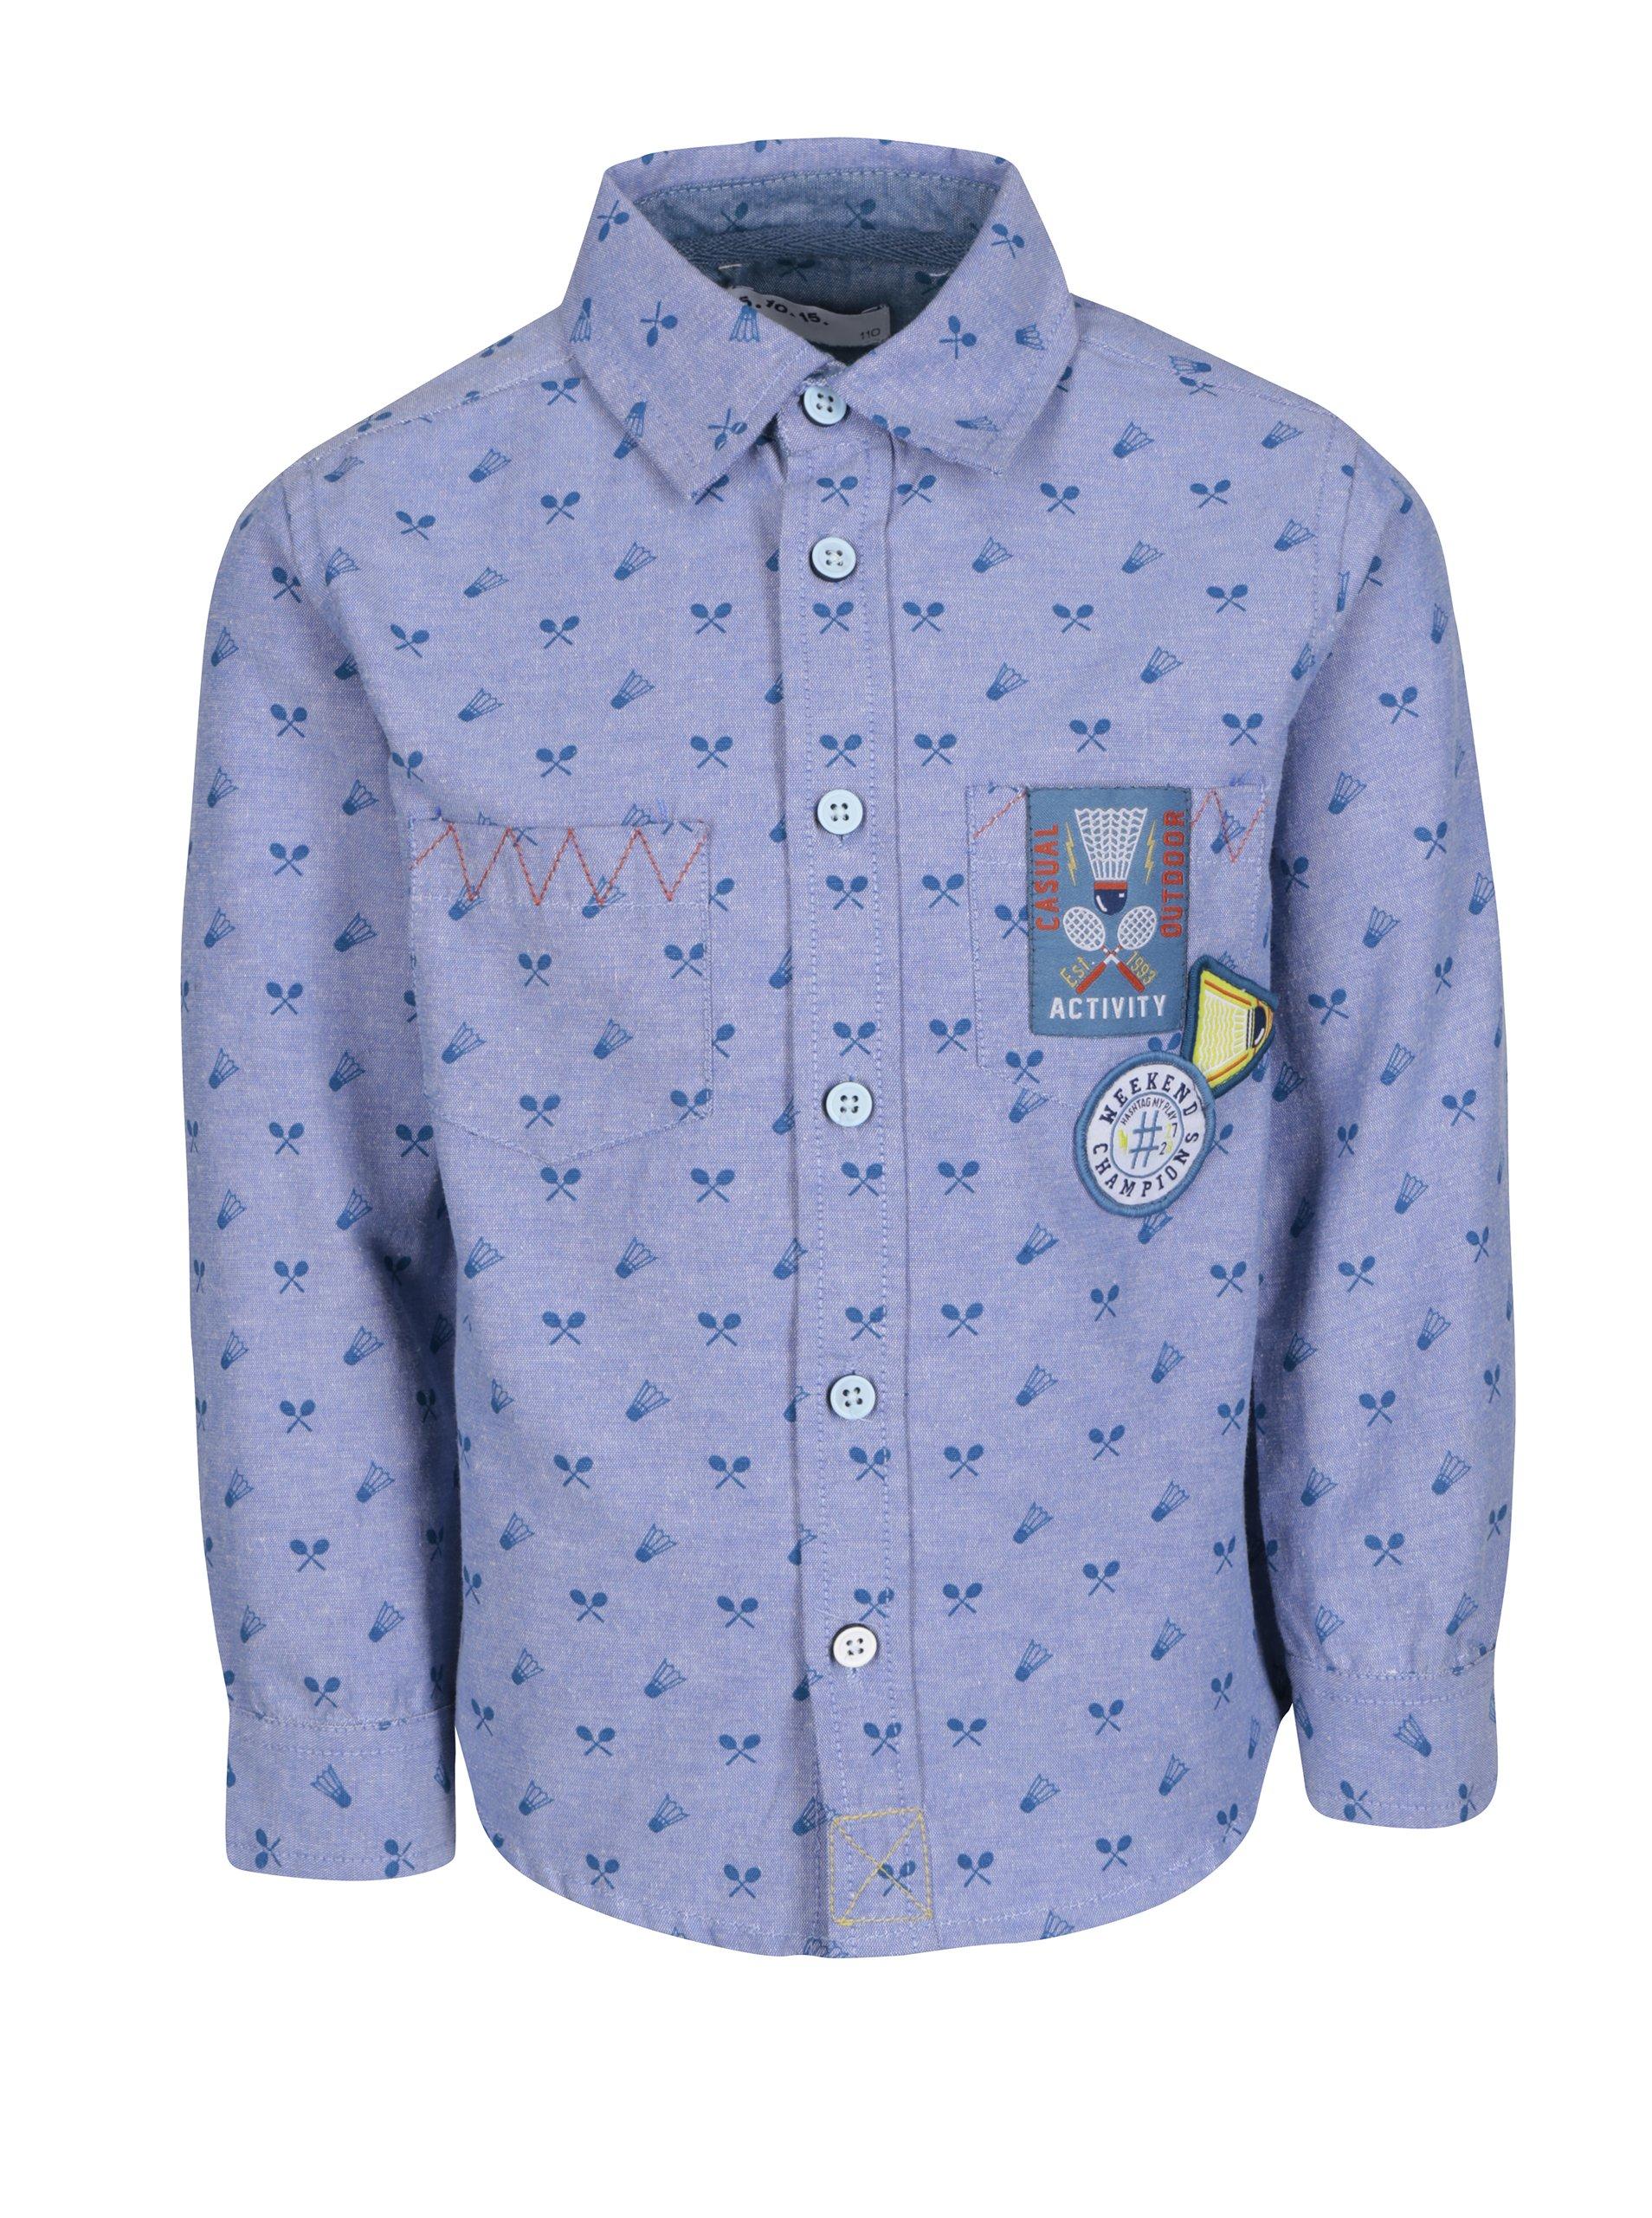 7c06e2c419 Svetlomodrá vzorovaná chlapčenská košeľa 5.10.15.